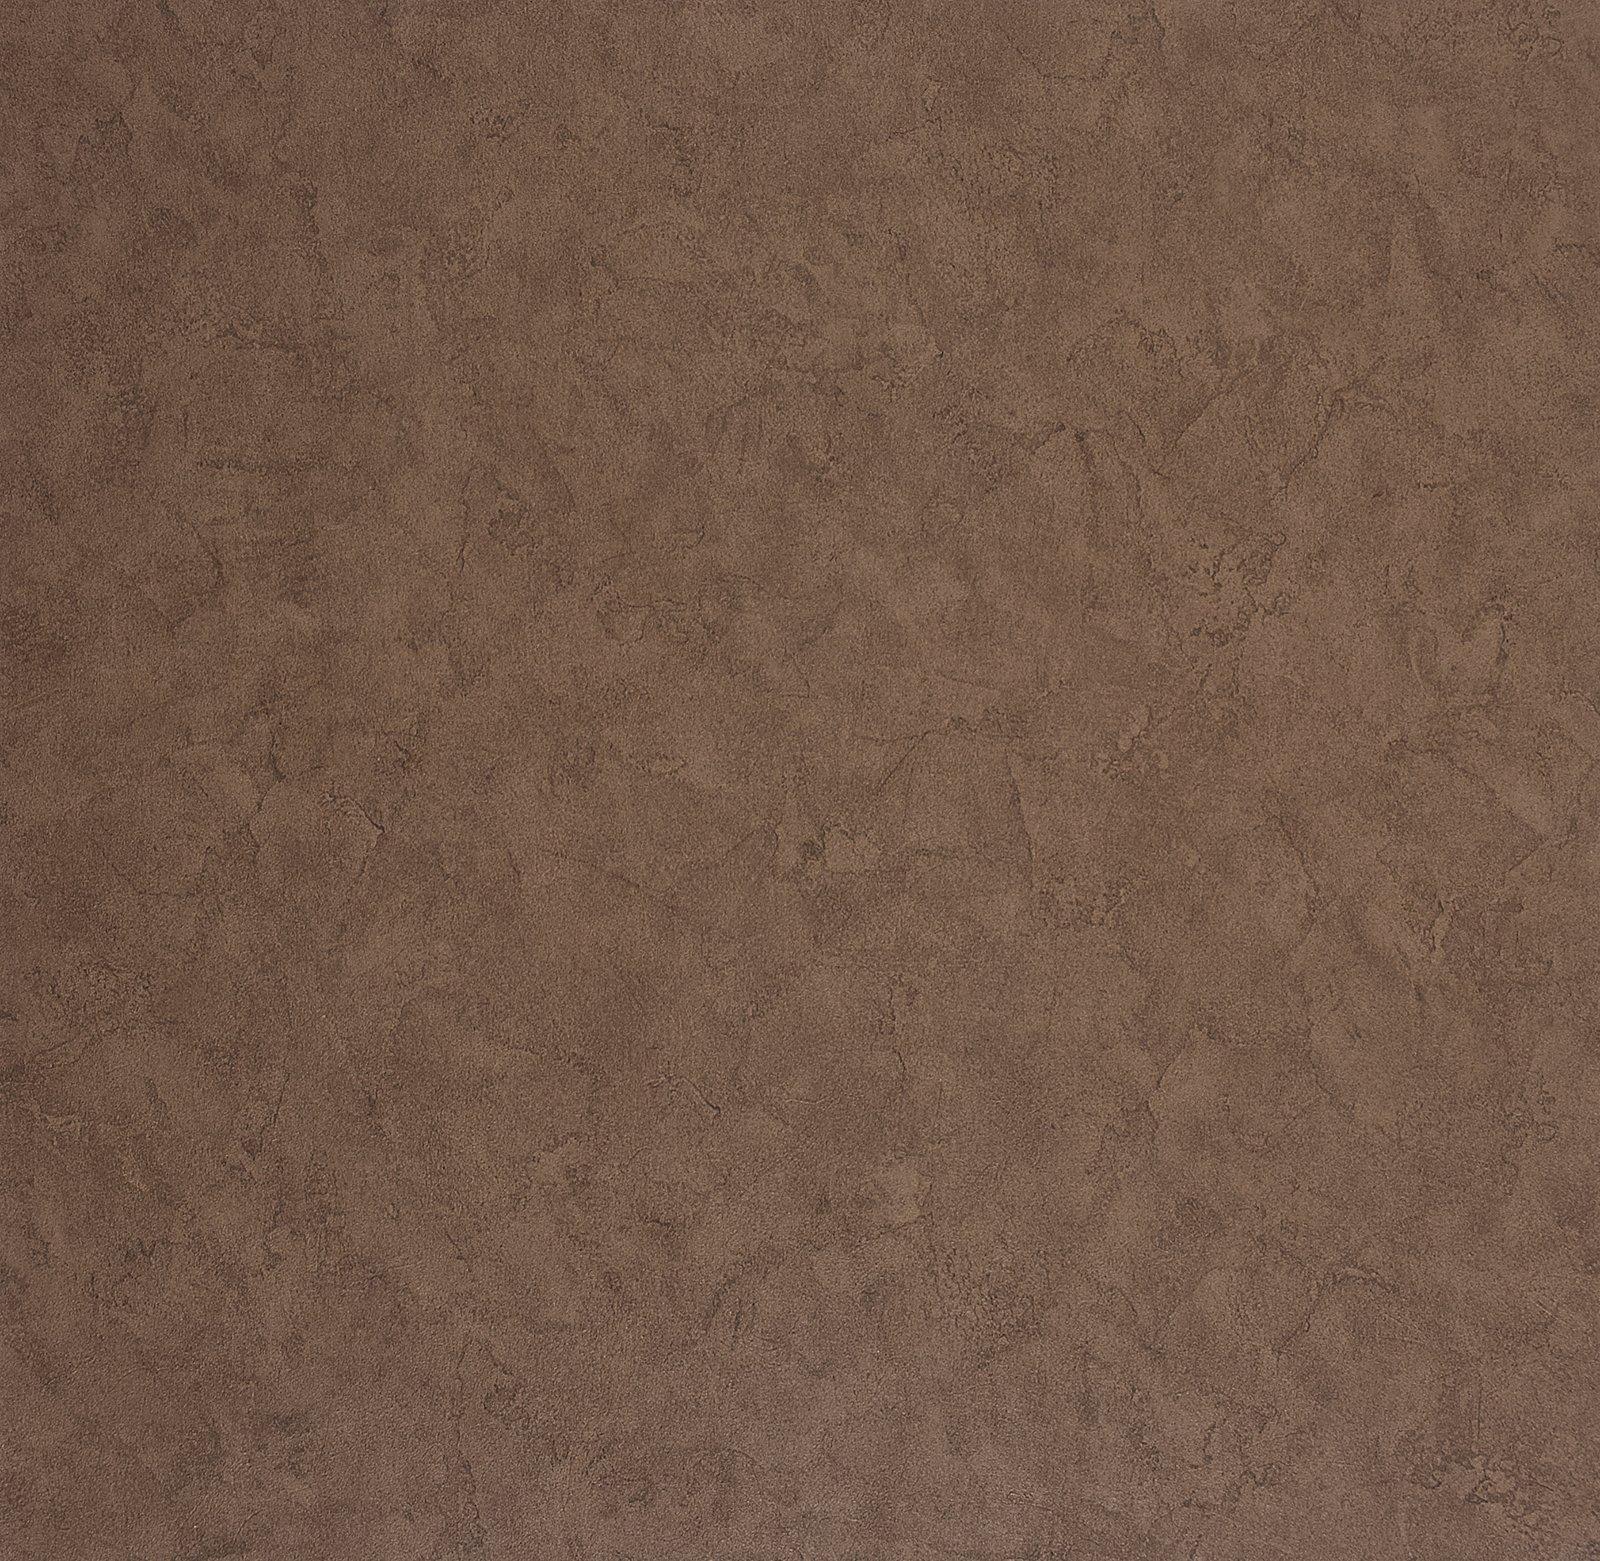 Tour du monde duvar ka d thal duvar ka tlar yuka for Marmol color cafe